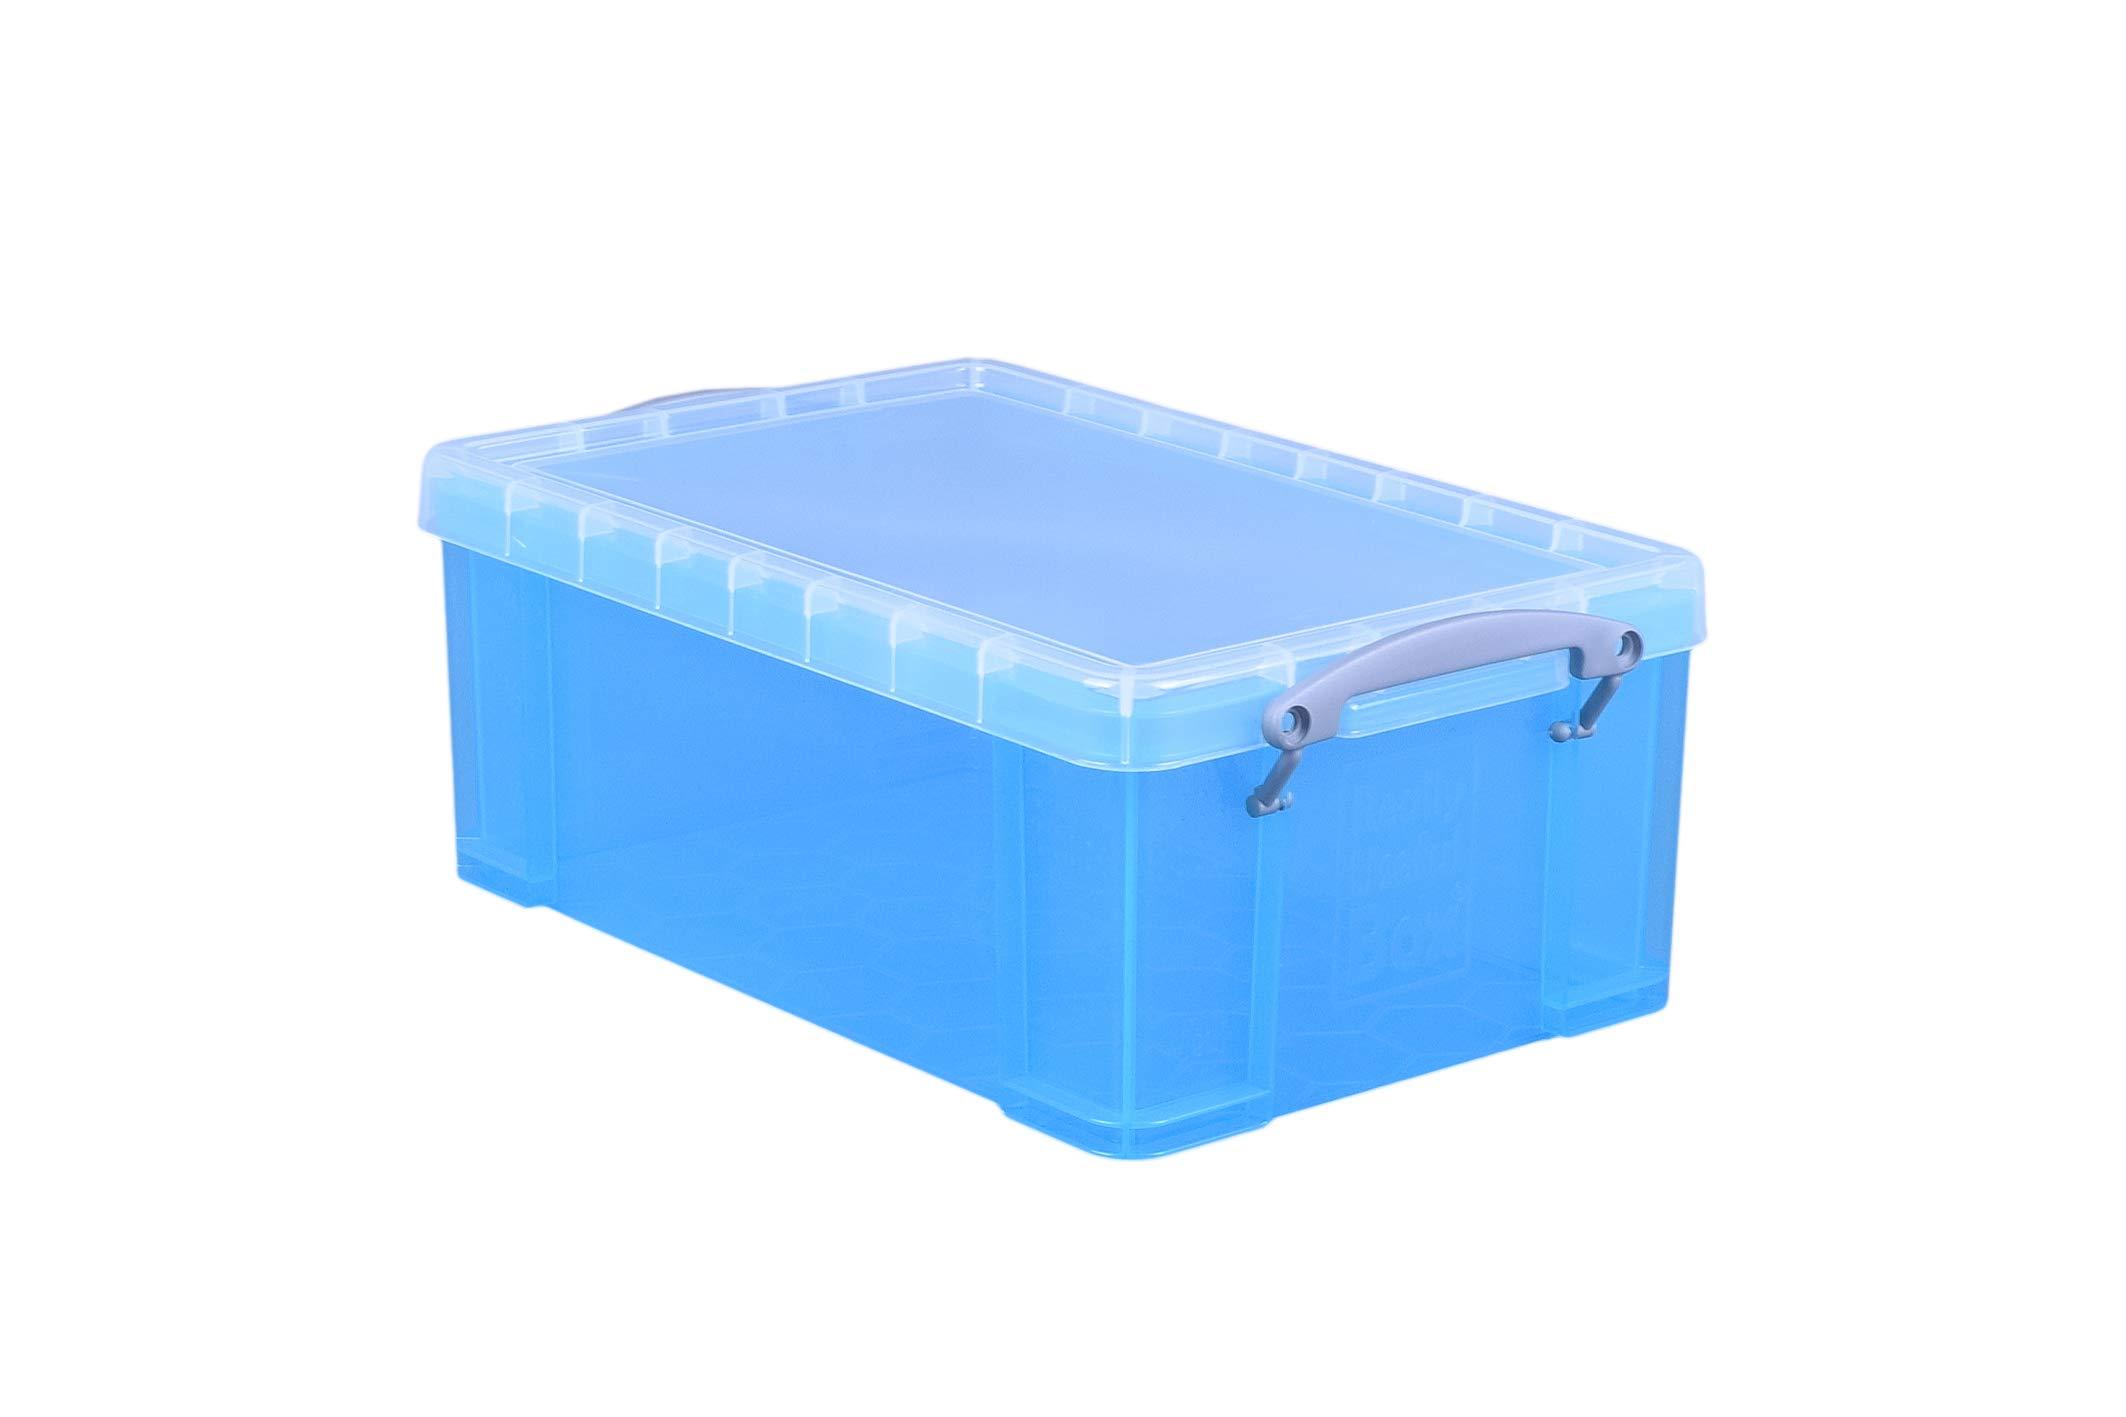 Really Useful Boxes UB9LHB Azul caja y organizador para almacenaje de archivos - Organizador de almacenaje (Azul, 784 g, 395 x 255 x 155 mm, 335 x 215 x 140 mm): Amazon.es: Oficina y papelería